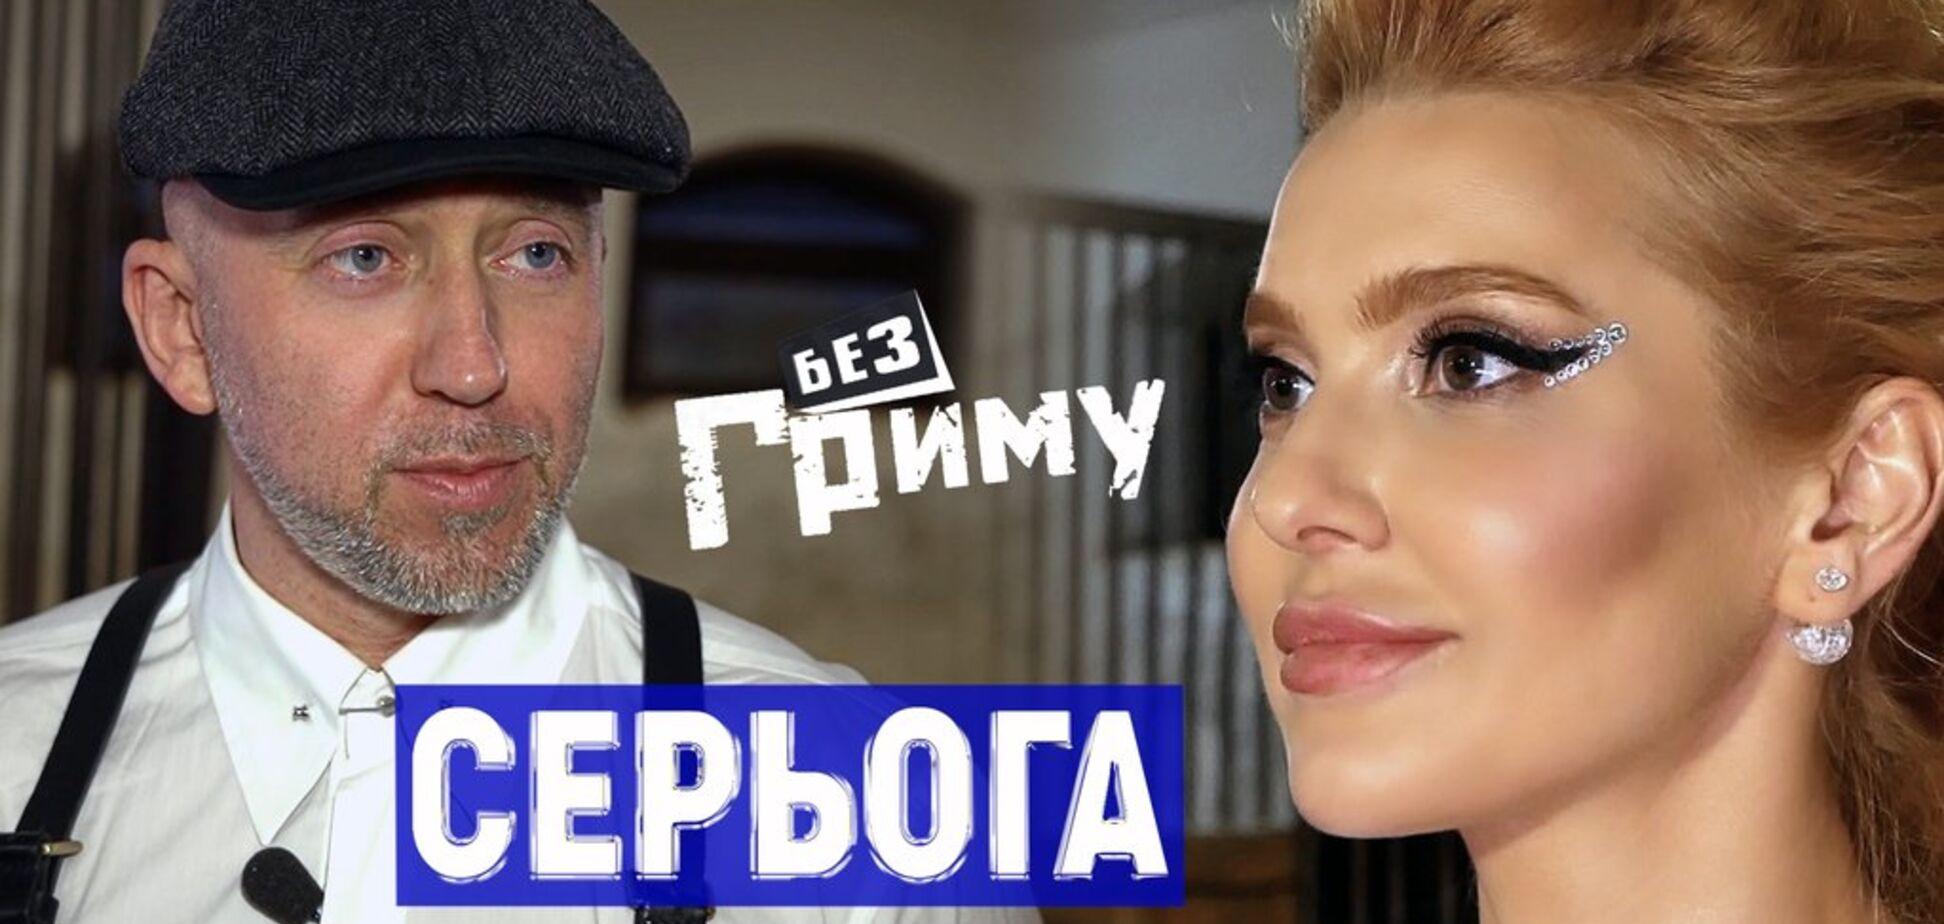 'Когда я проходил полиграф, то сразу во всем сознался' - Сергей Пархоменко в блиц-шоу 'БЕЗ ГРИМА'